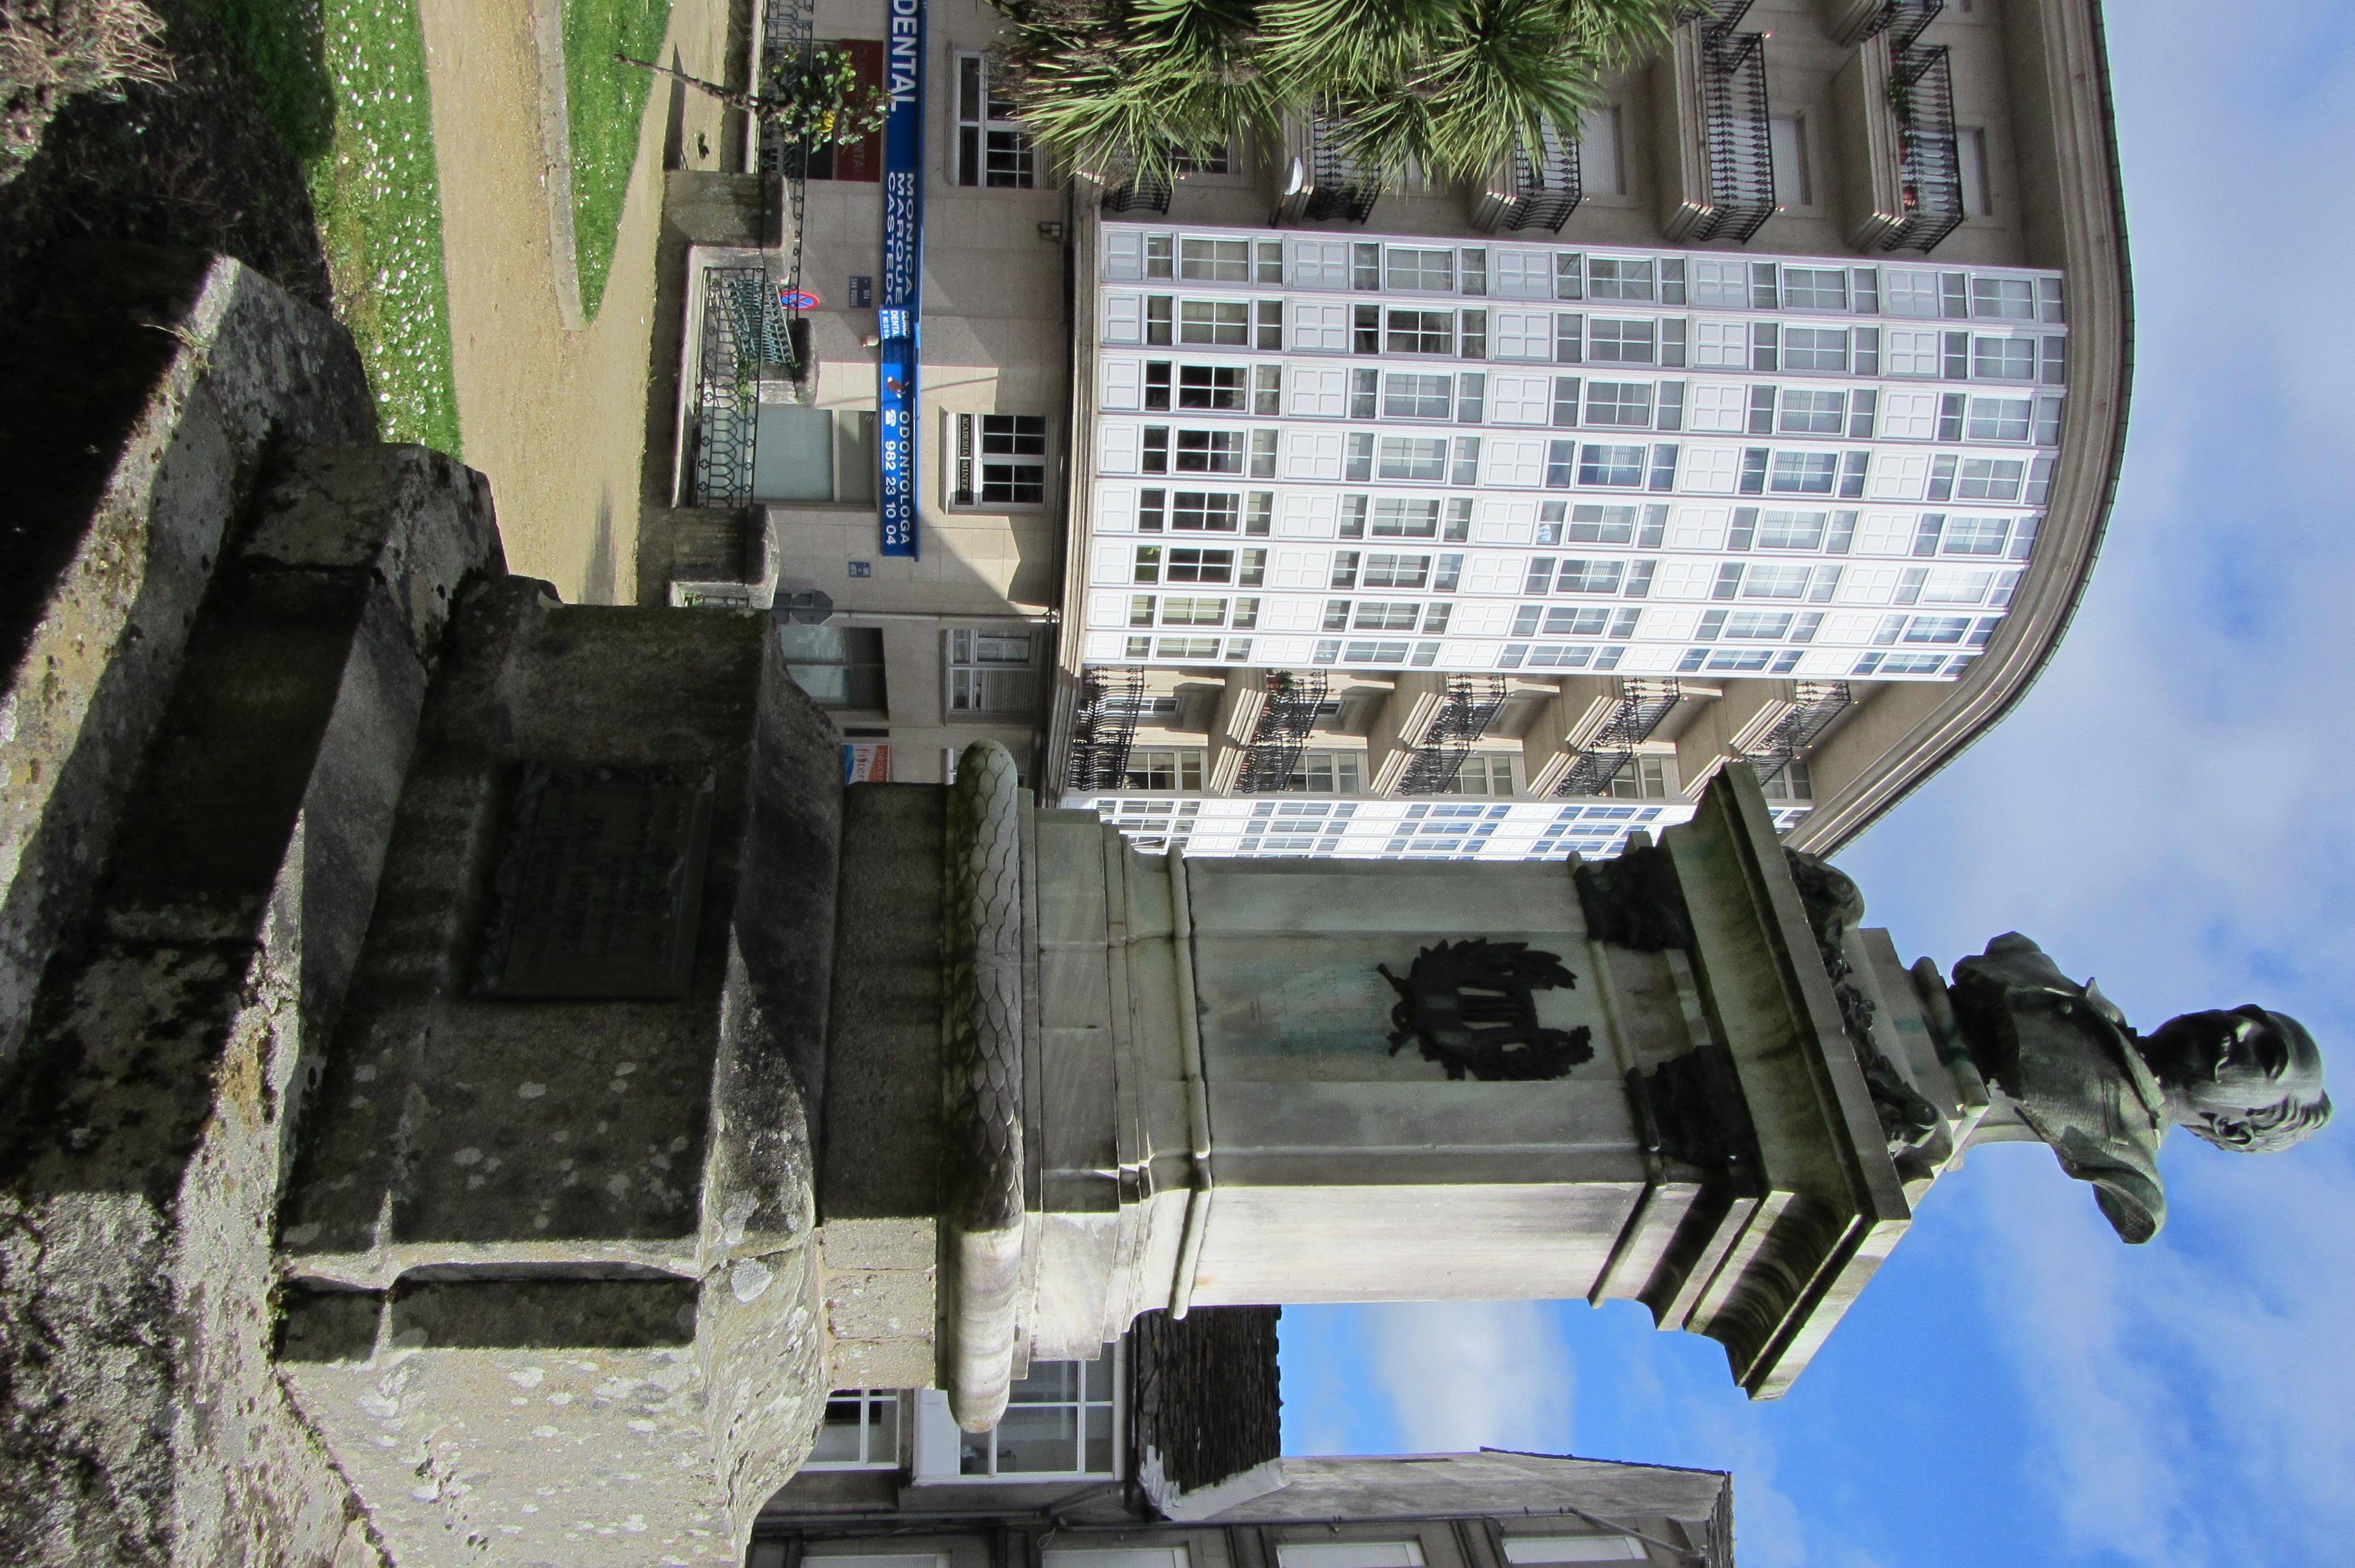 Monumento a Juan Montes situado en el Jardín de San Roque en la ciudad de Lugo (Galicia, España). La obra es del escultor Eugenio DuqueJuan Montes muere en la noche del 23 al 24 de junio de 1899 a causa de una hemorragia cerebral.